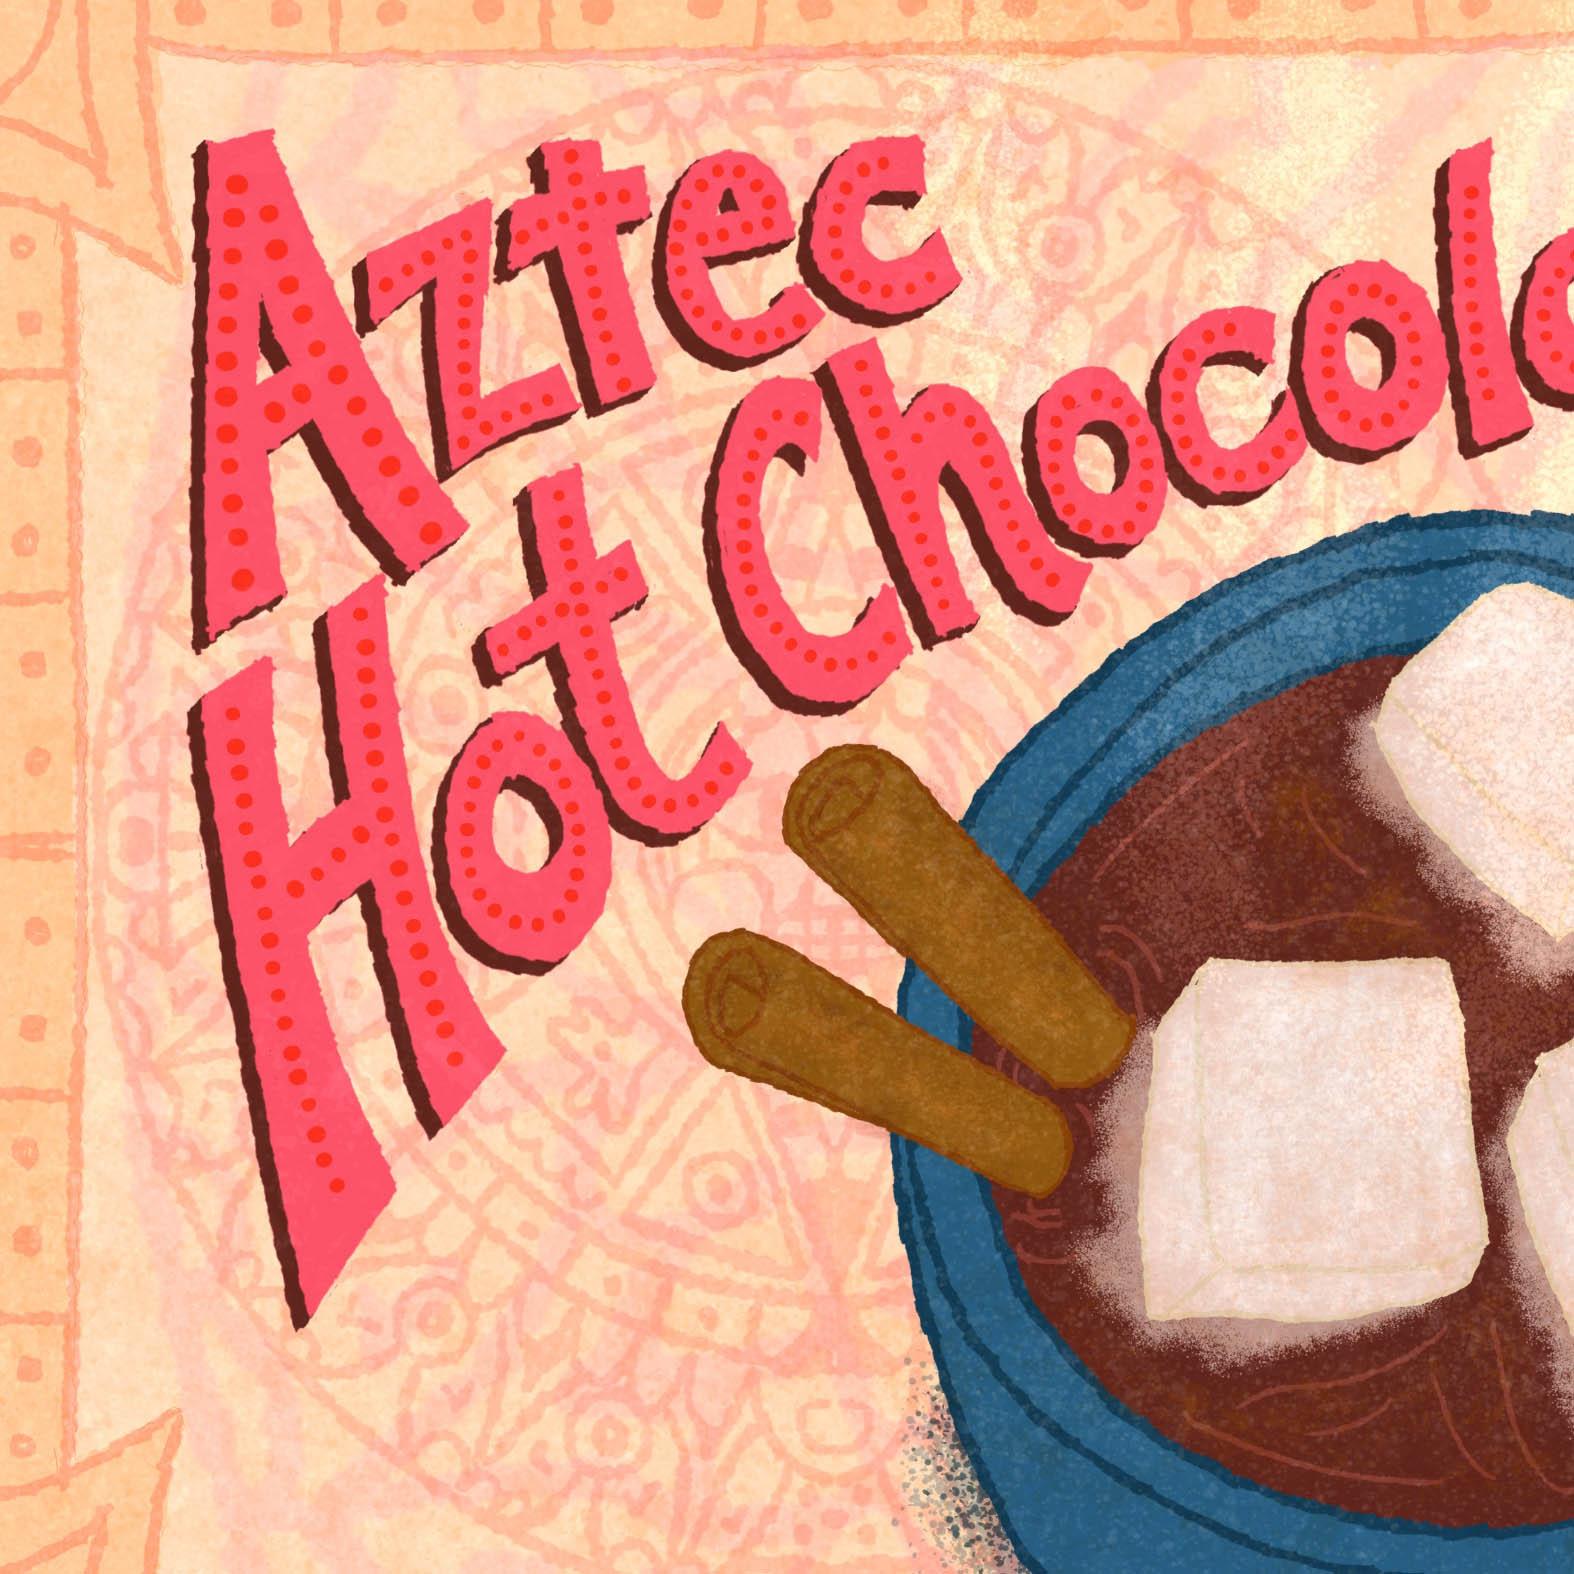 Aztec Hot Chocolate Recipe Illustration